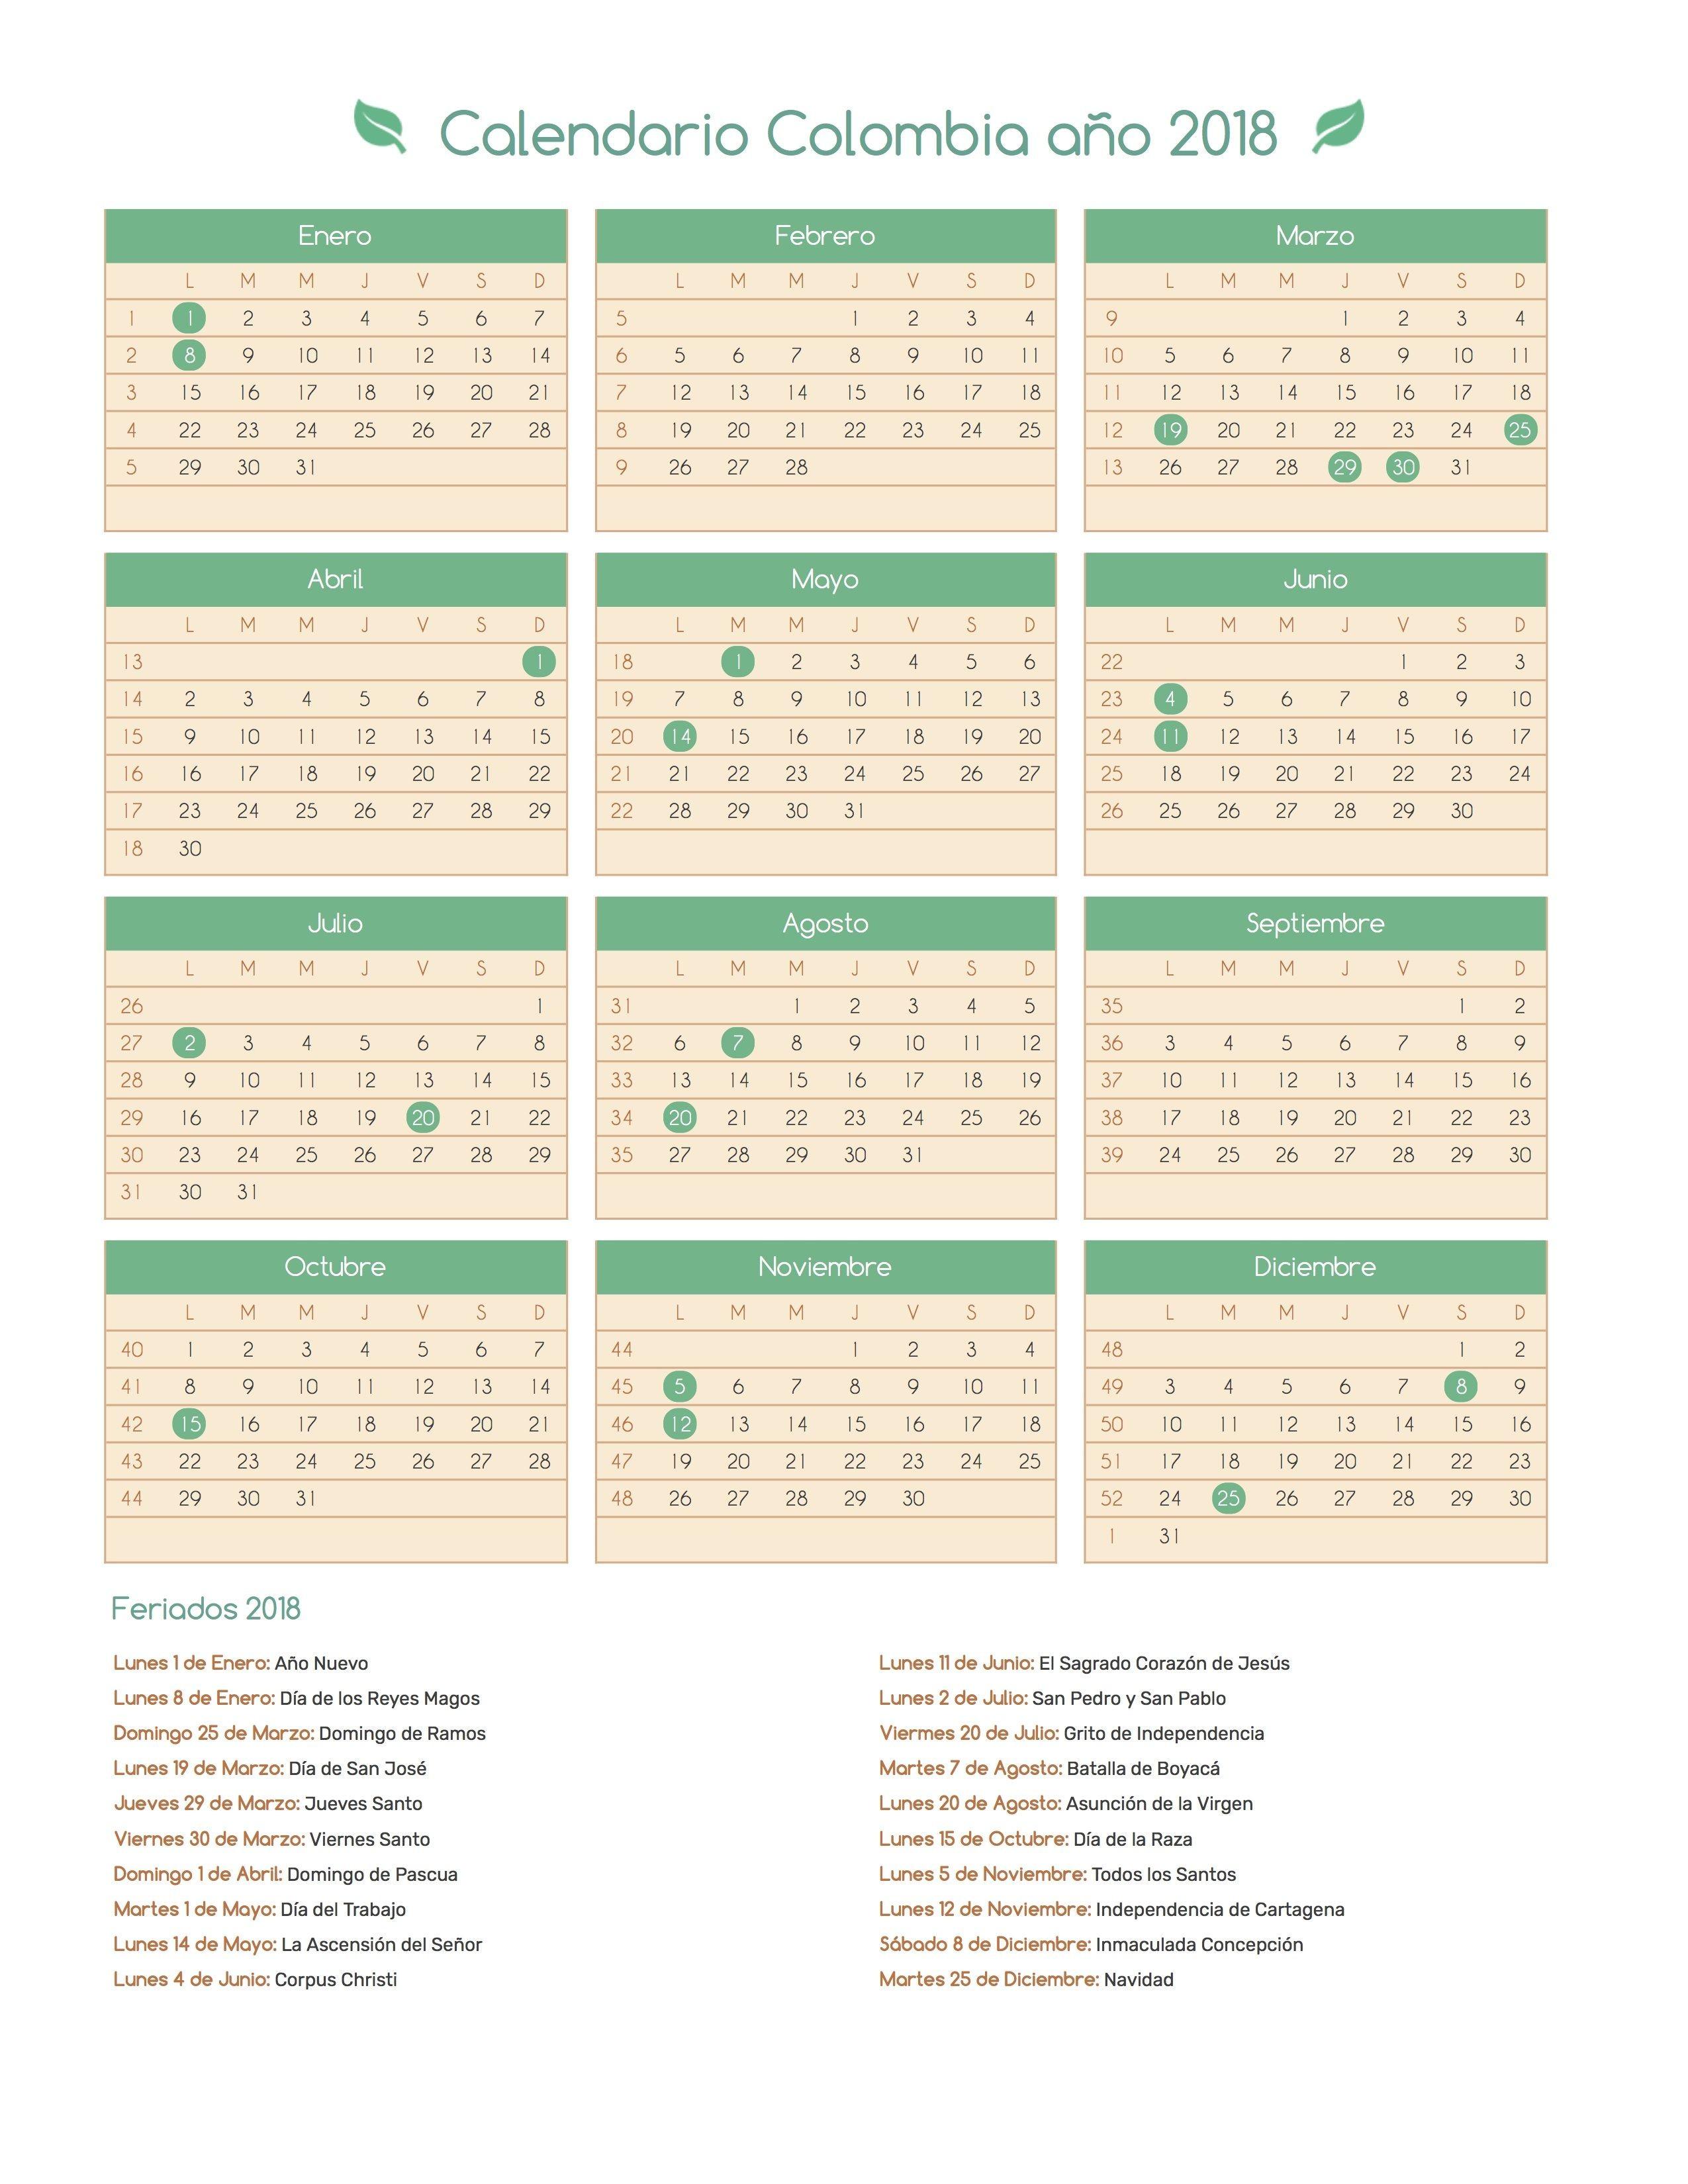 calendario 2018 colombia con festivos calendario colombia ao 2018 feriados calendario de